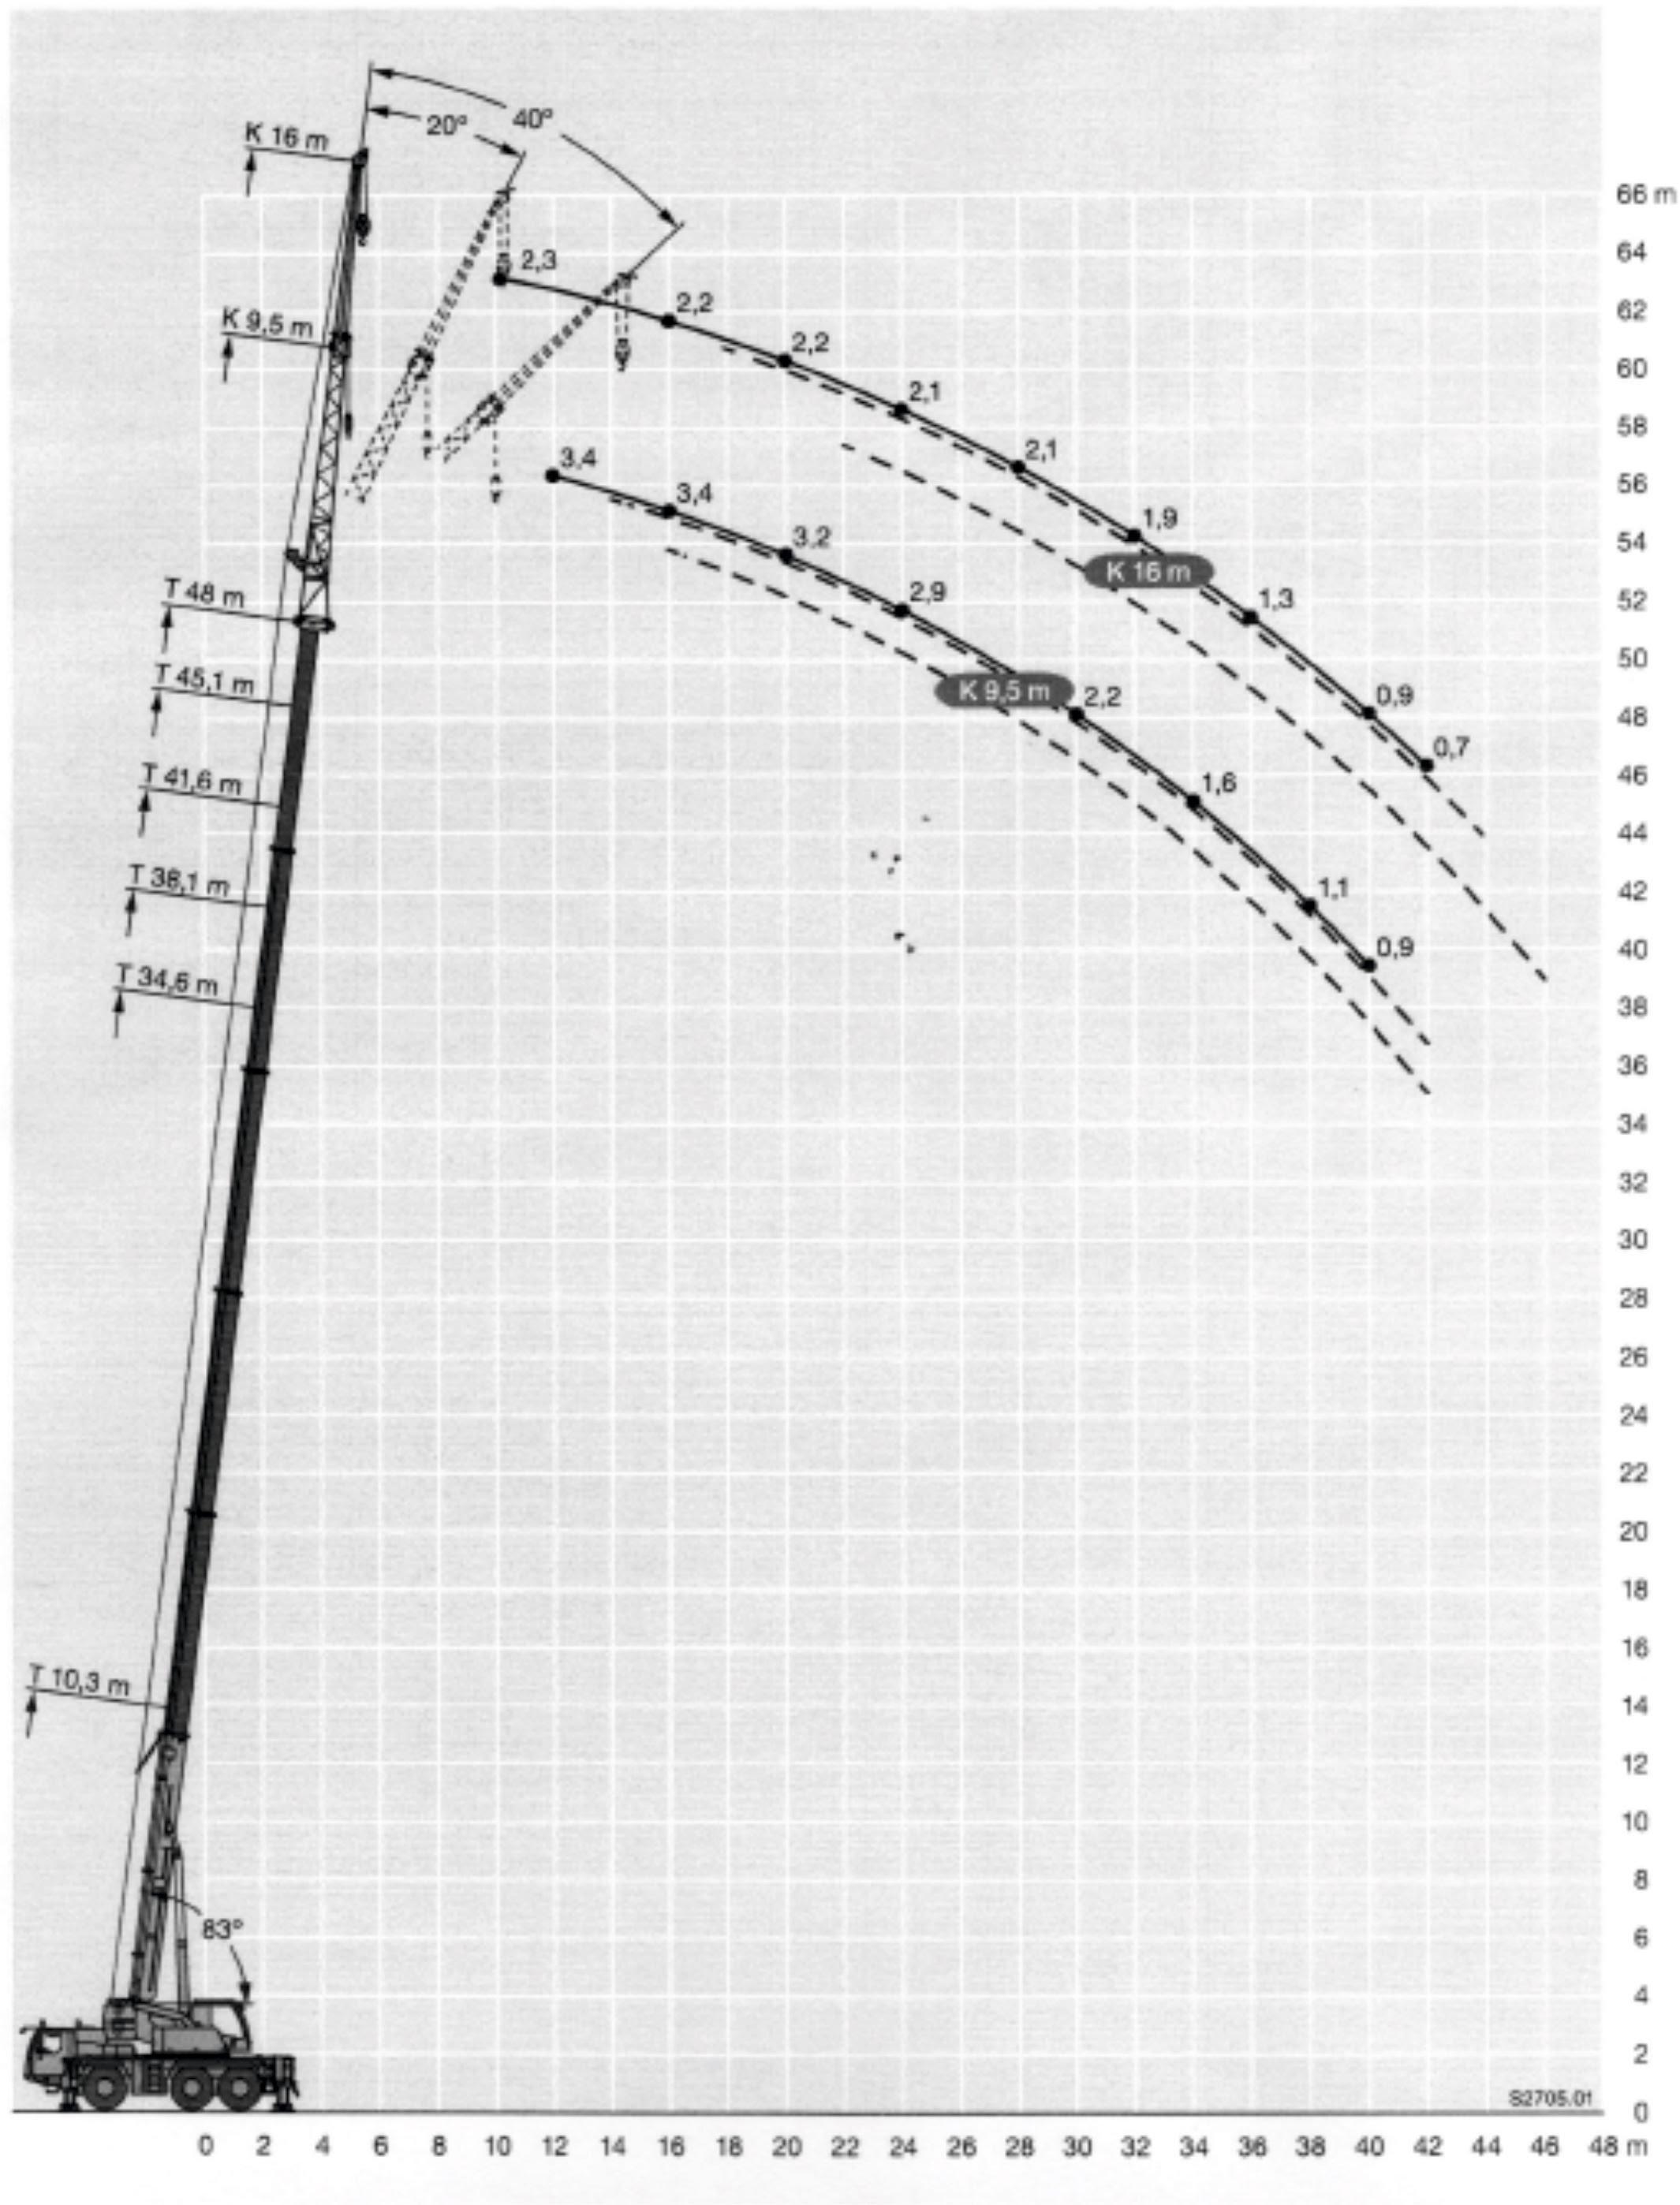 Inchiriere macara 60 de tone - diagrama 60 tone